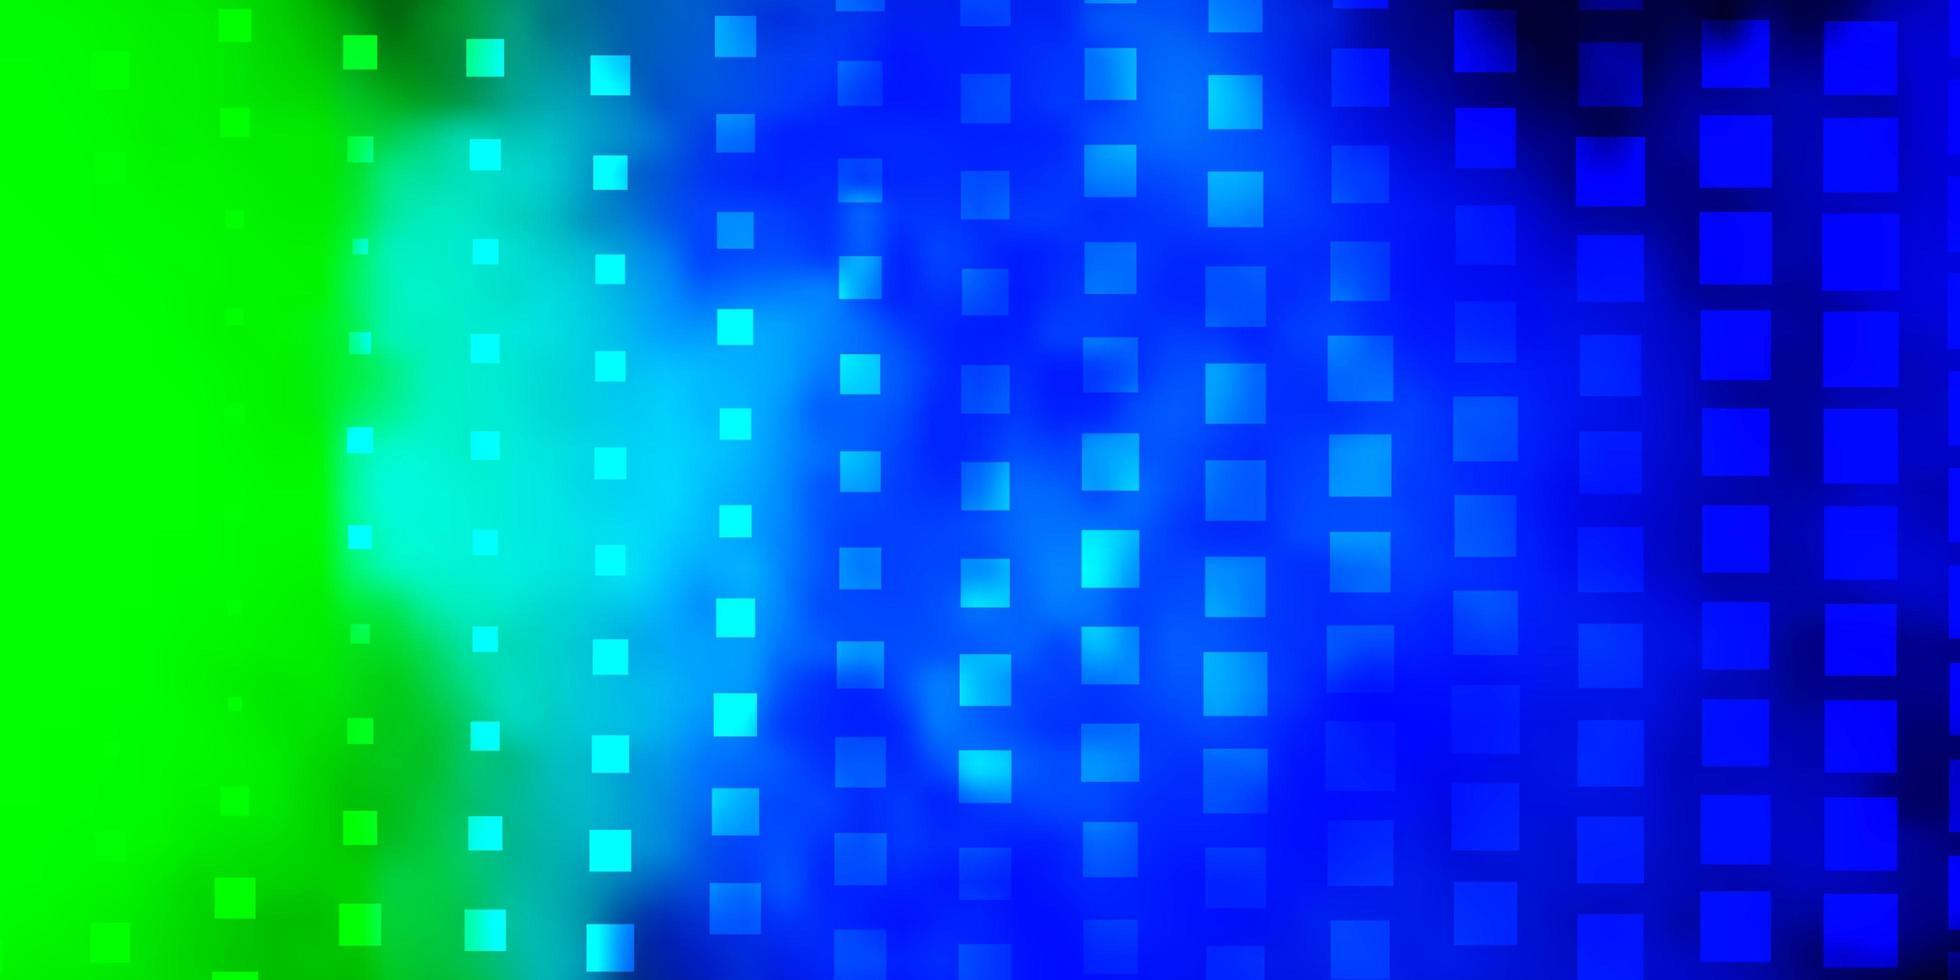 luz azul, verde vetor padrão em estilo quadrado.